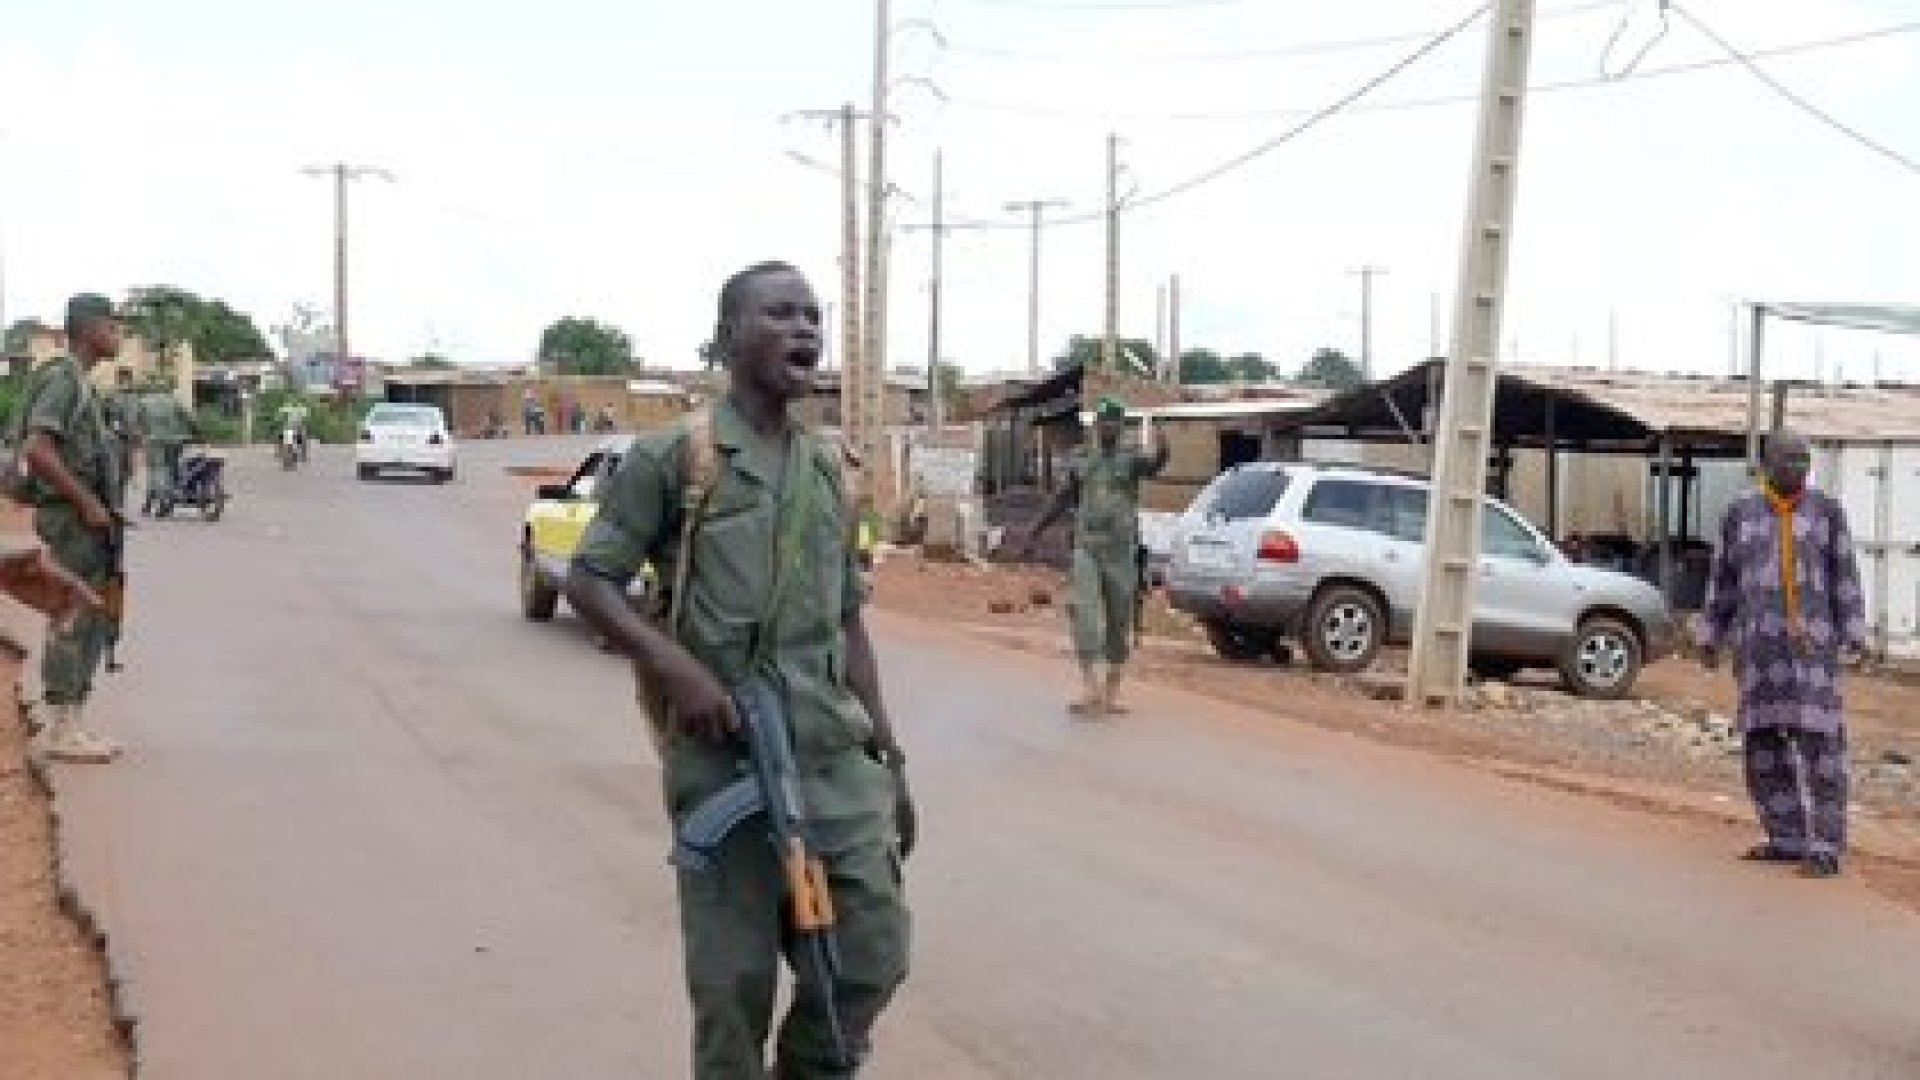 Un grupo de soldados amotinados detuvieron al presidente y primer ministro de Mali consumando un golpe de Estado. (AP Photo)